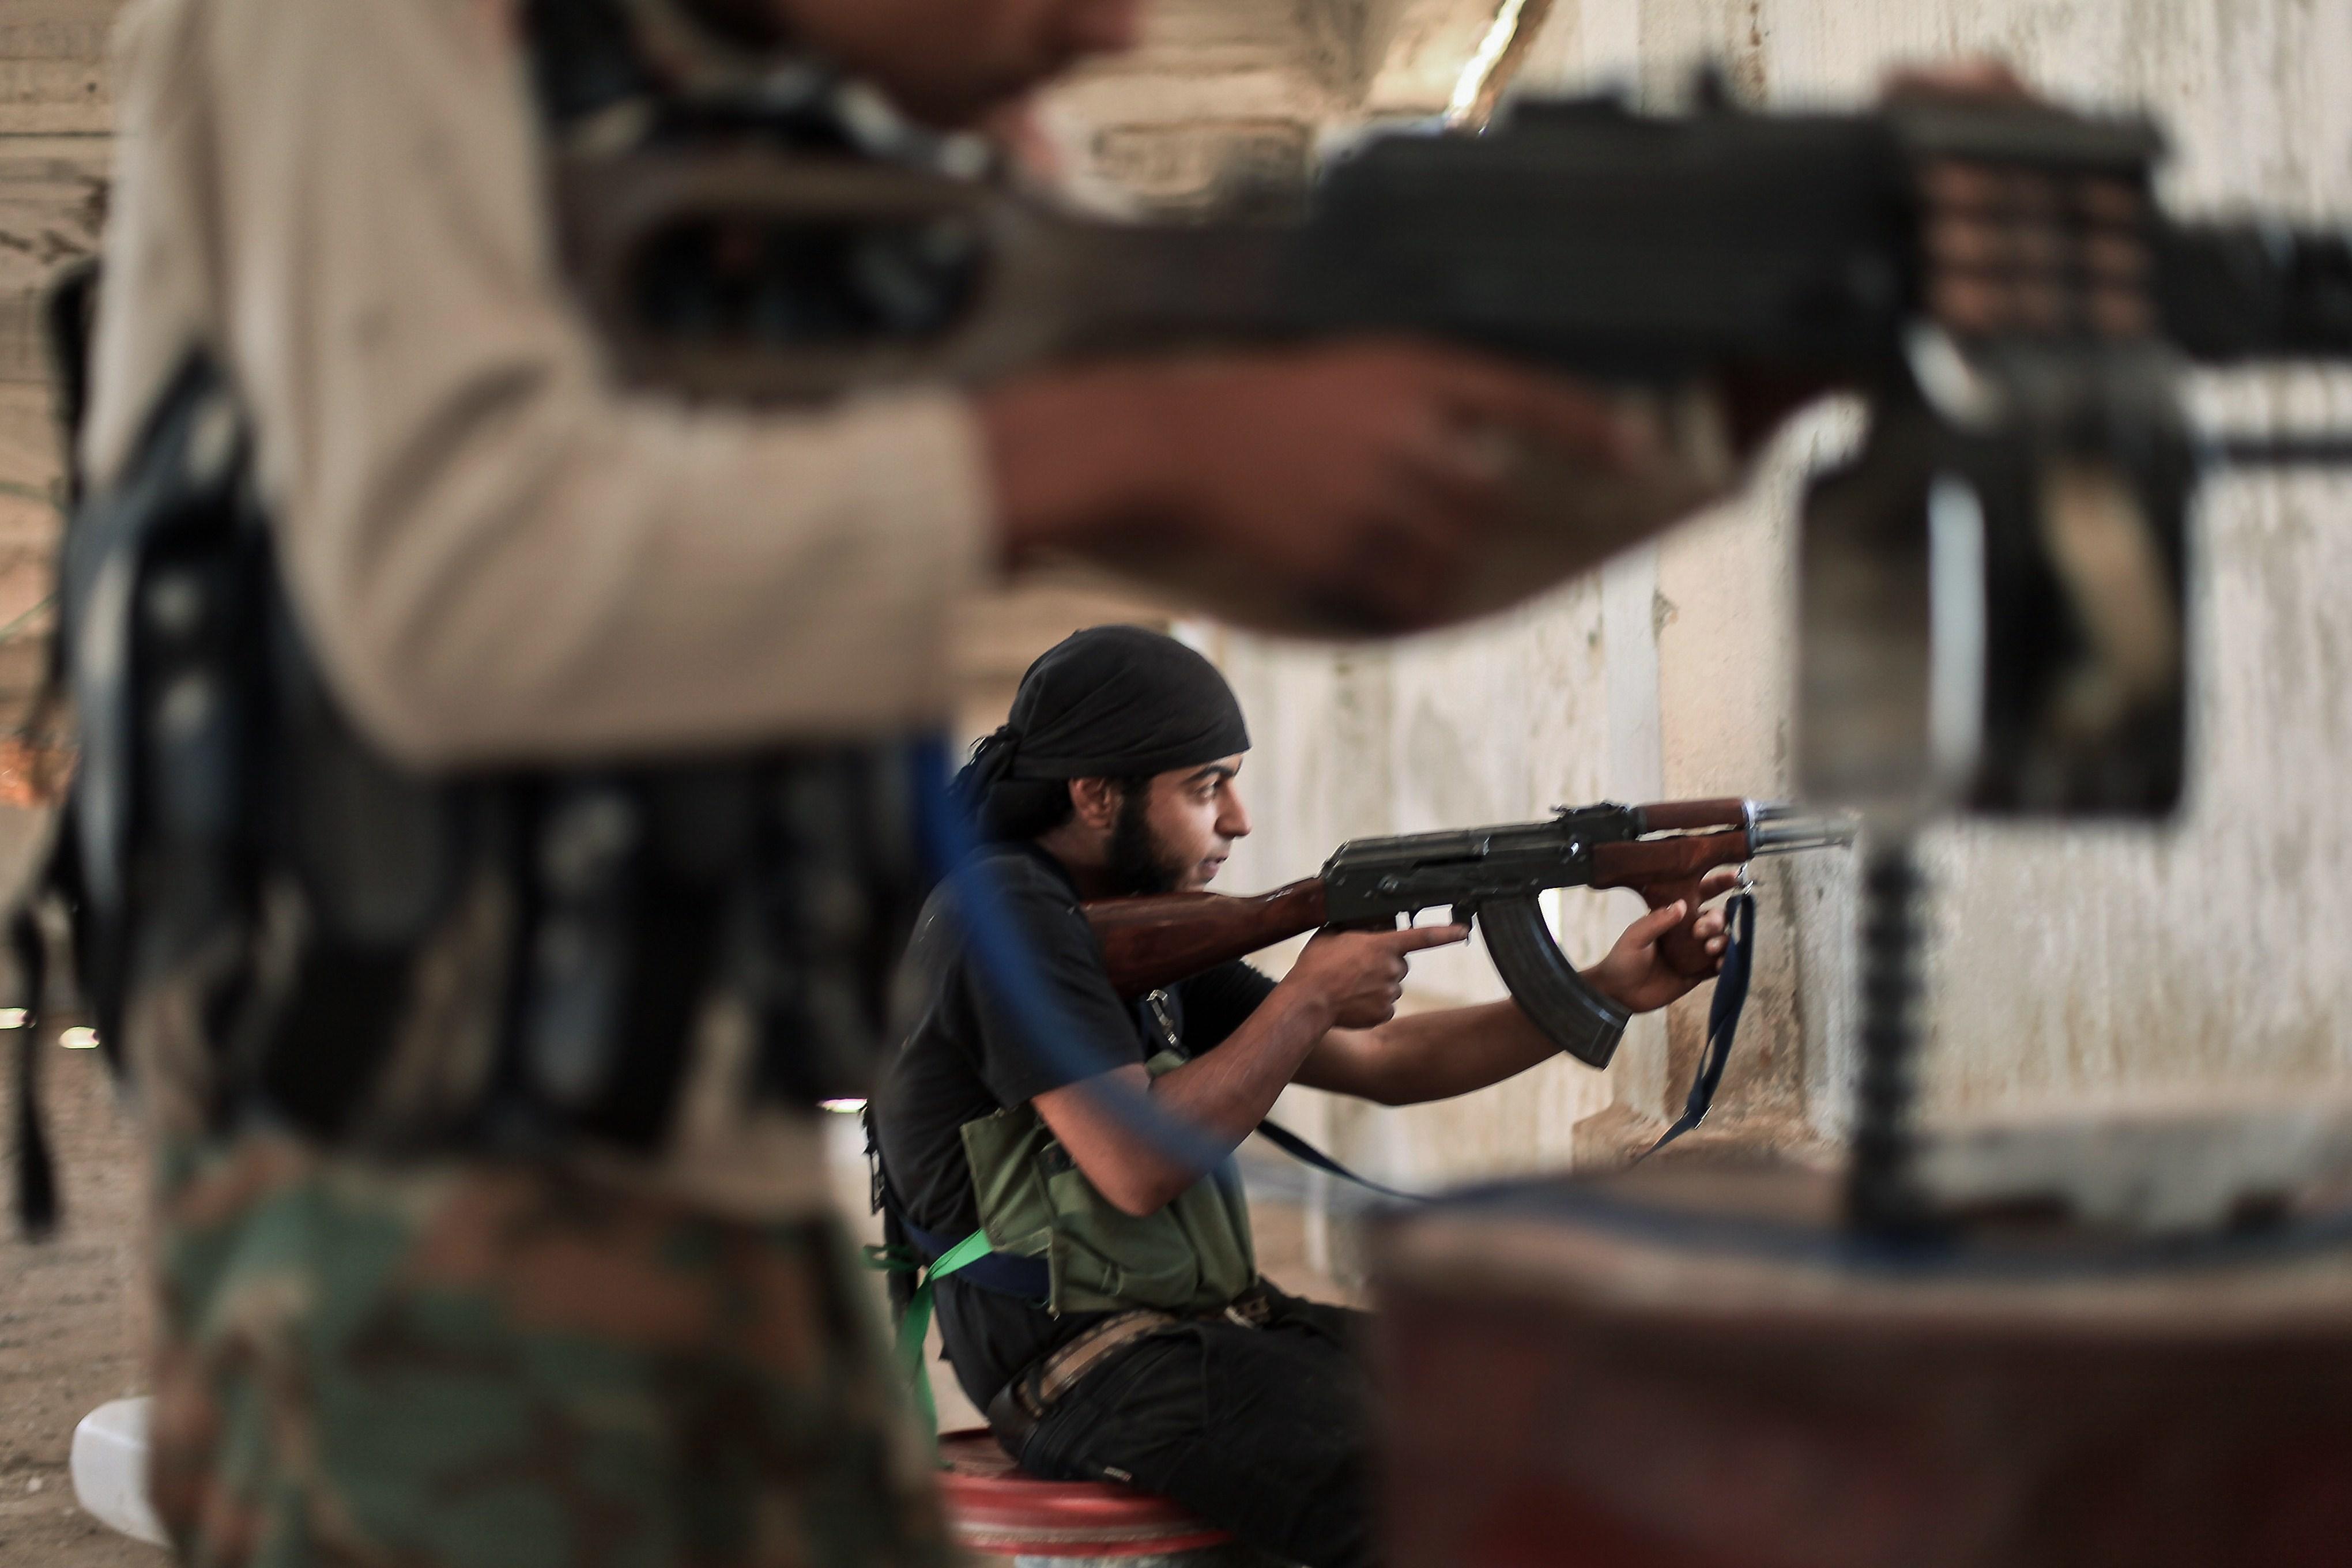 Irak-Angriffe: Warum Obama die Gruppe Islamischer Staat erst jetzt zum Feind erklärt (+Video)